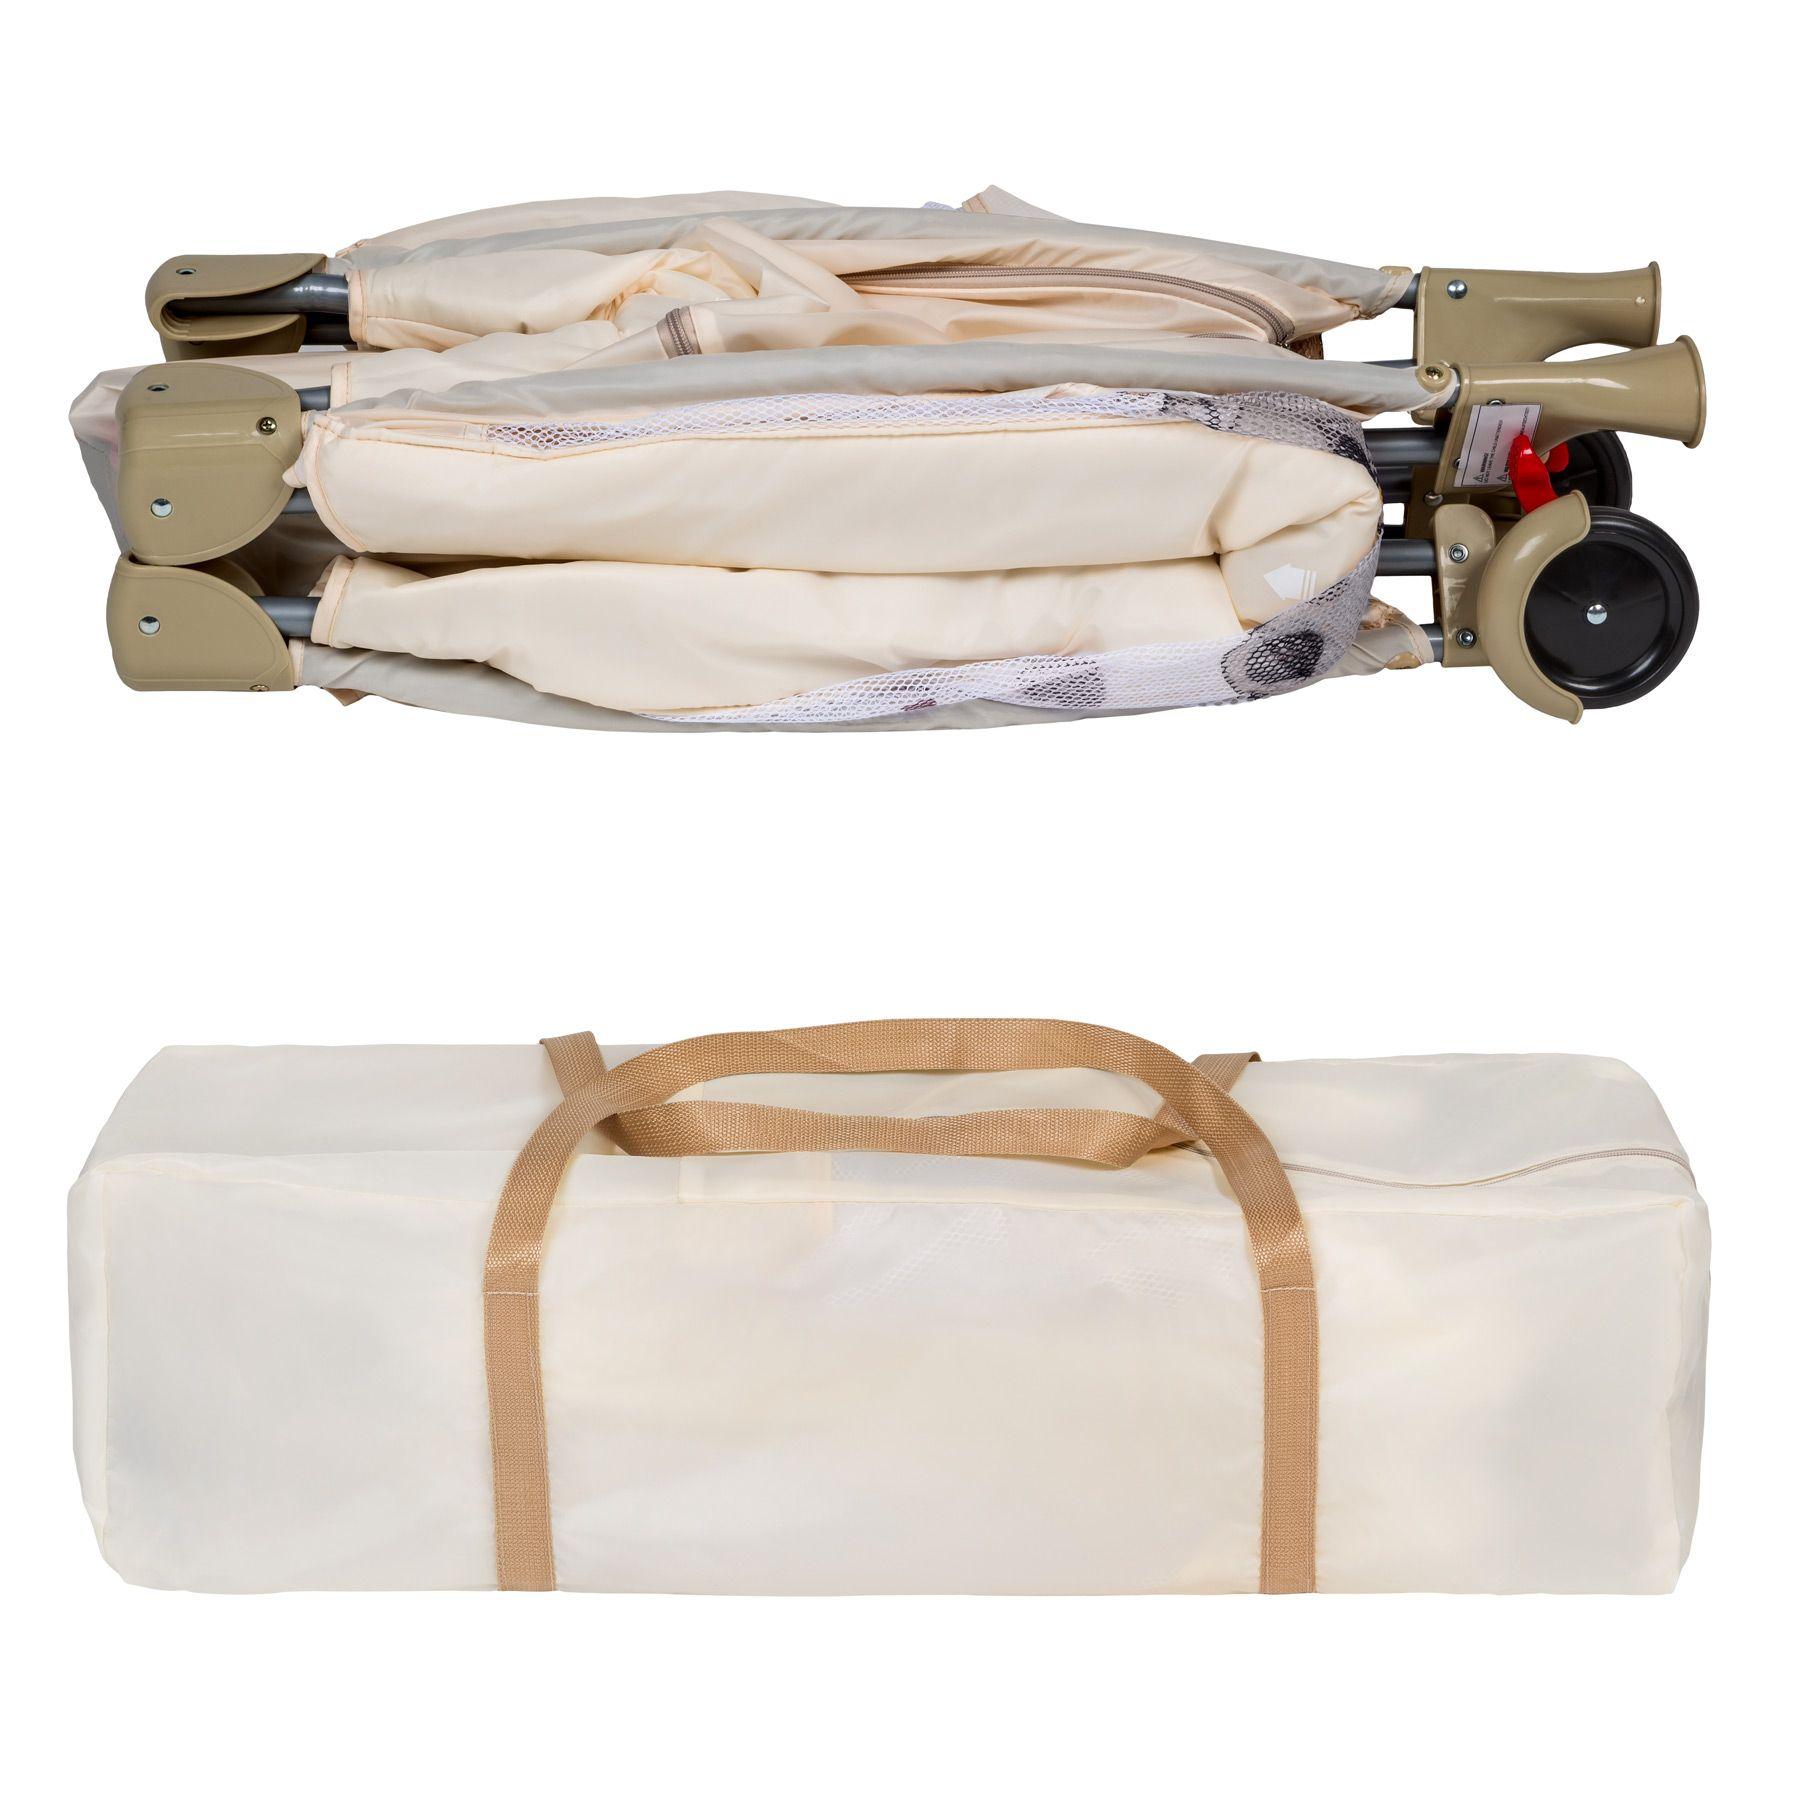 lit b b pliant avec accessoires lit de voyage beige r glable ebay. Black Bedroom Furniture Sets. Home Design Ideas